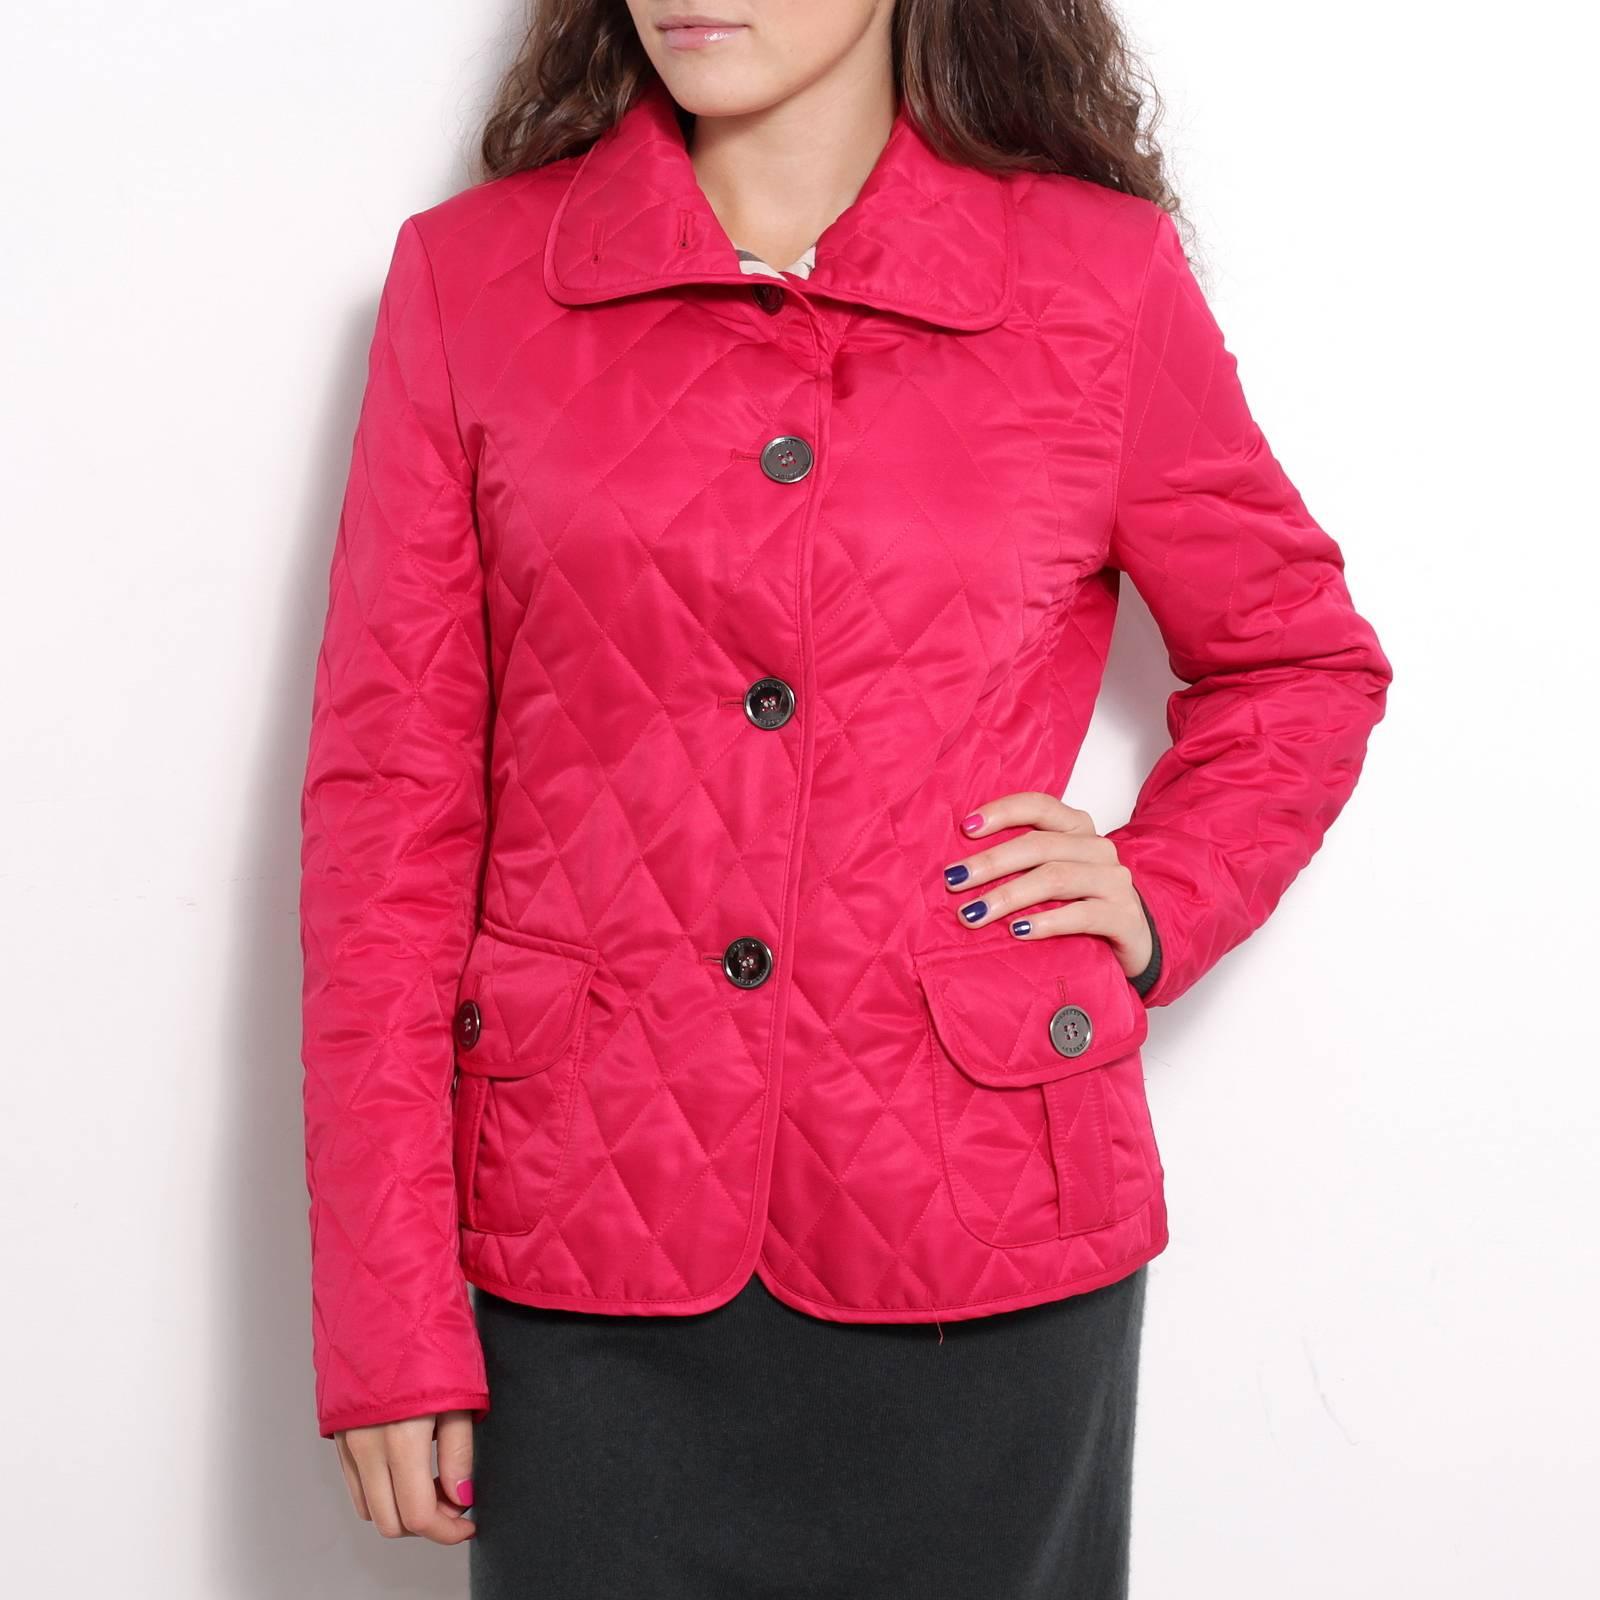 Купить куртку Burberry в Москве с доставкой по цене 6300 рублей ... be88fca1a41